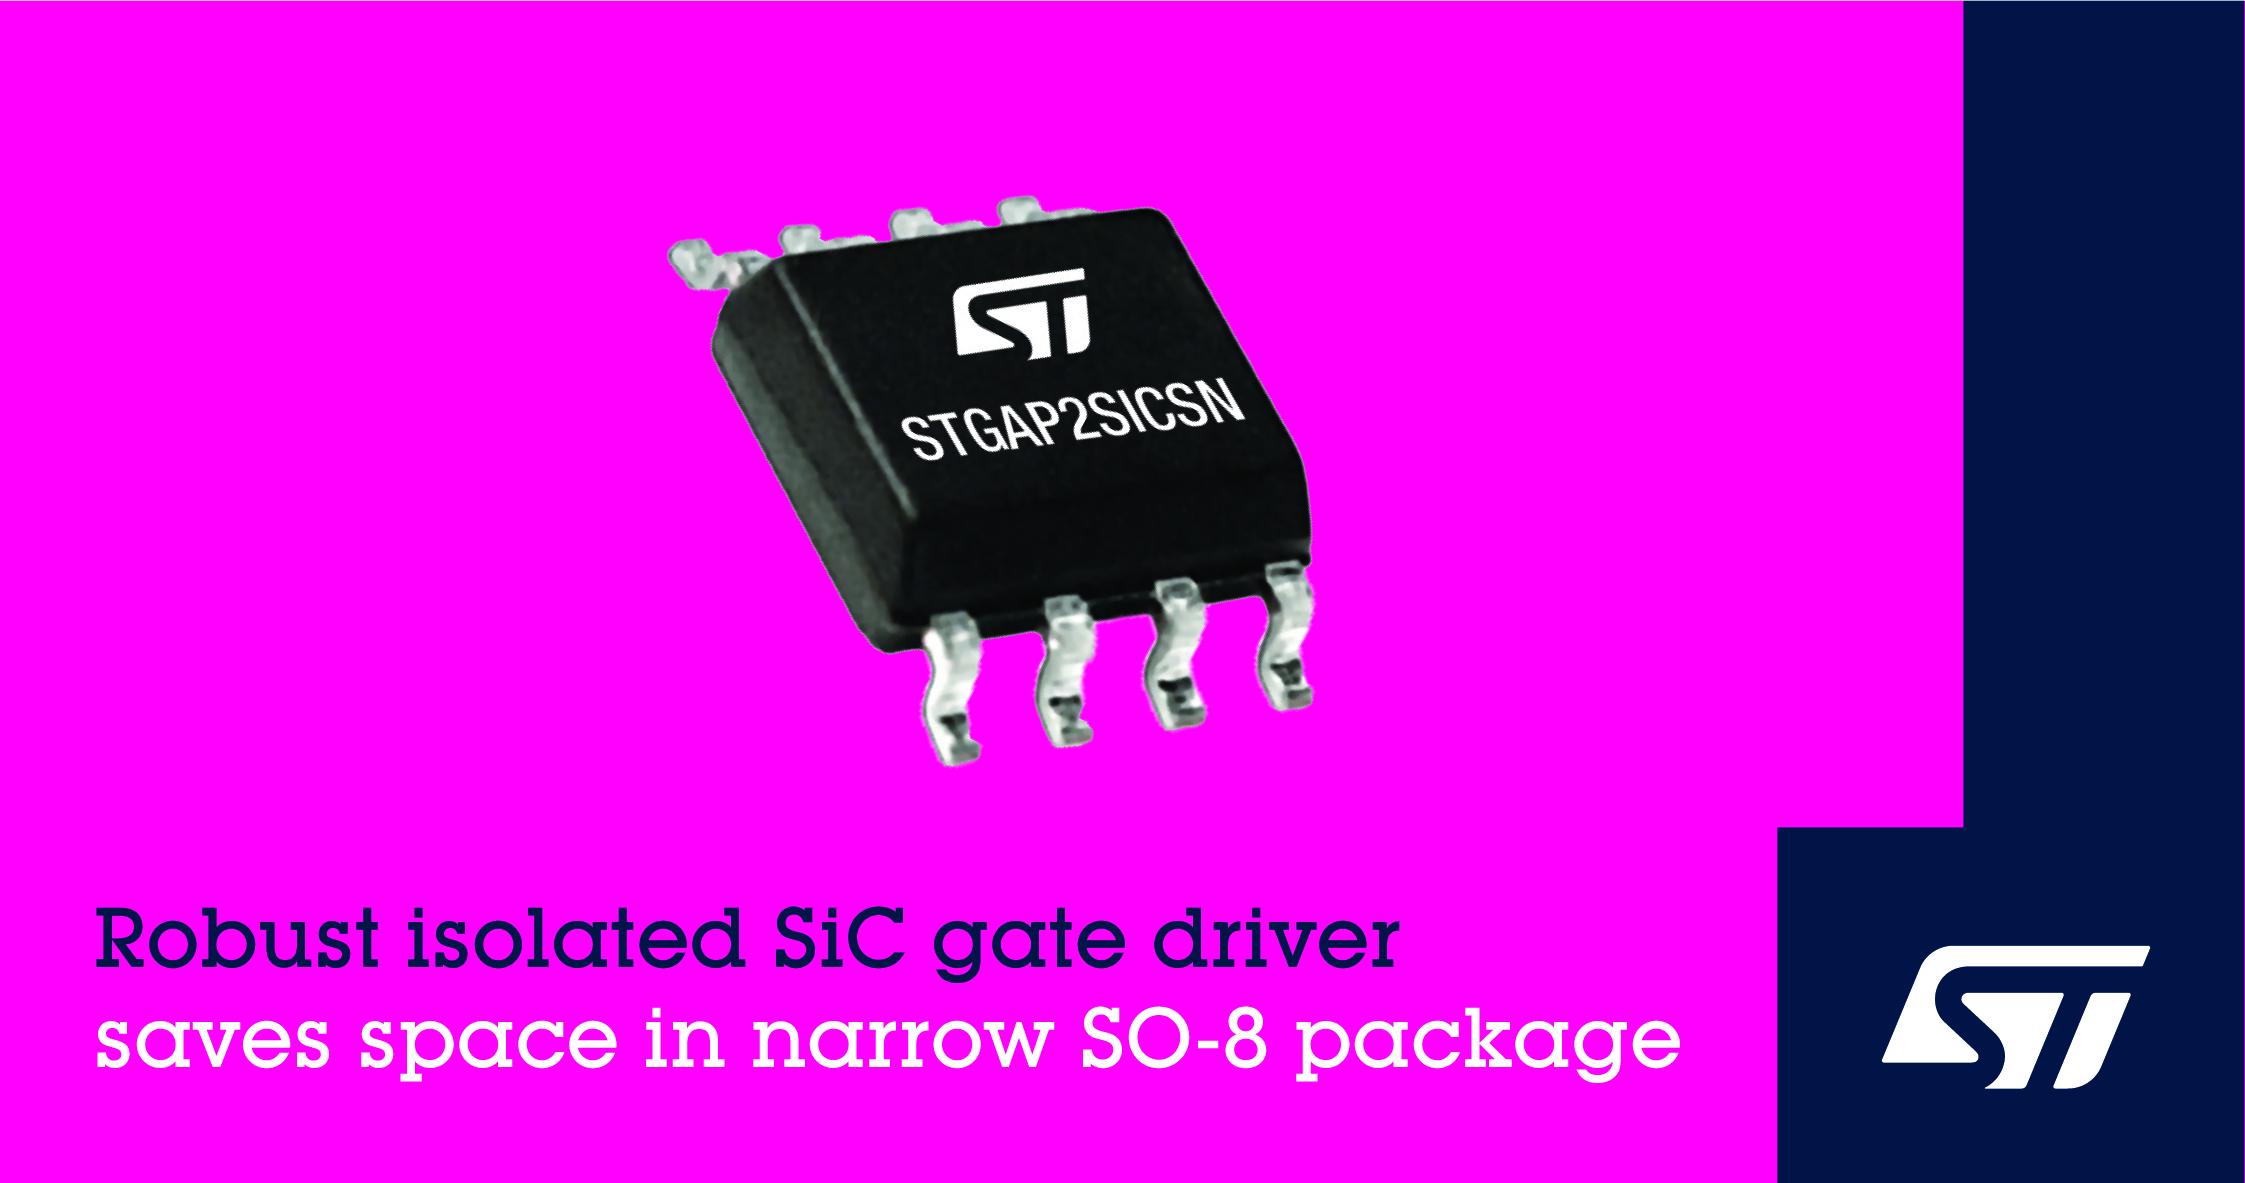 意法半导体的稳健的隔离式 SiC 栅极驱动器采用窄型 SO-8 封装可节省空间